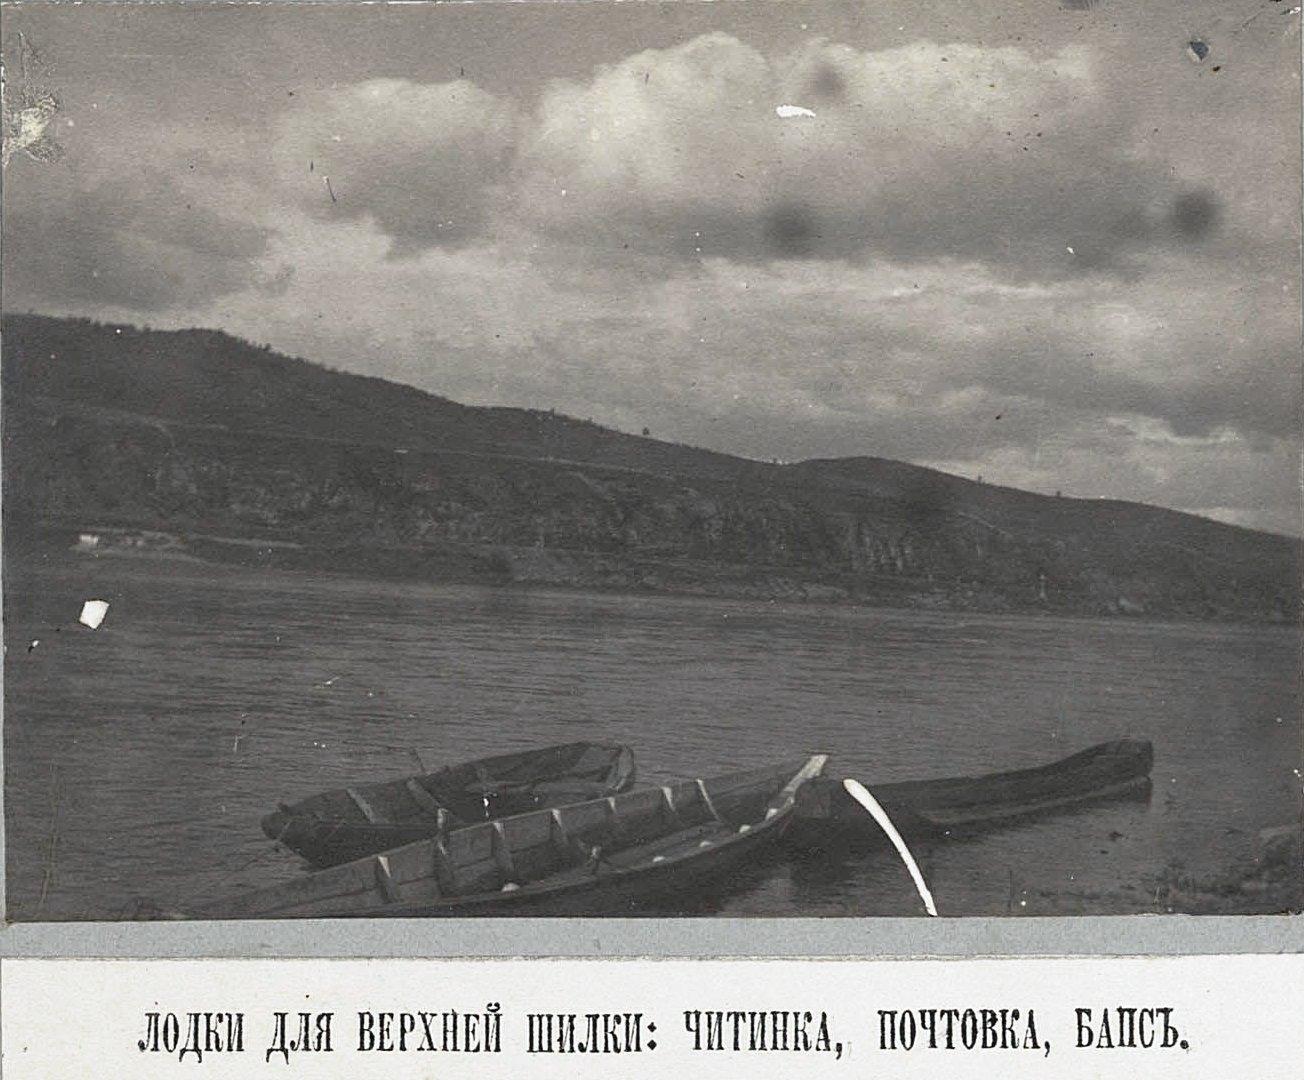 131. Лодки для Верхней Шилки читинка, почтовка, бапс